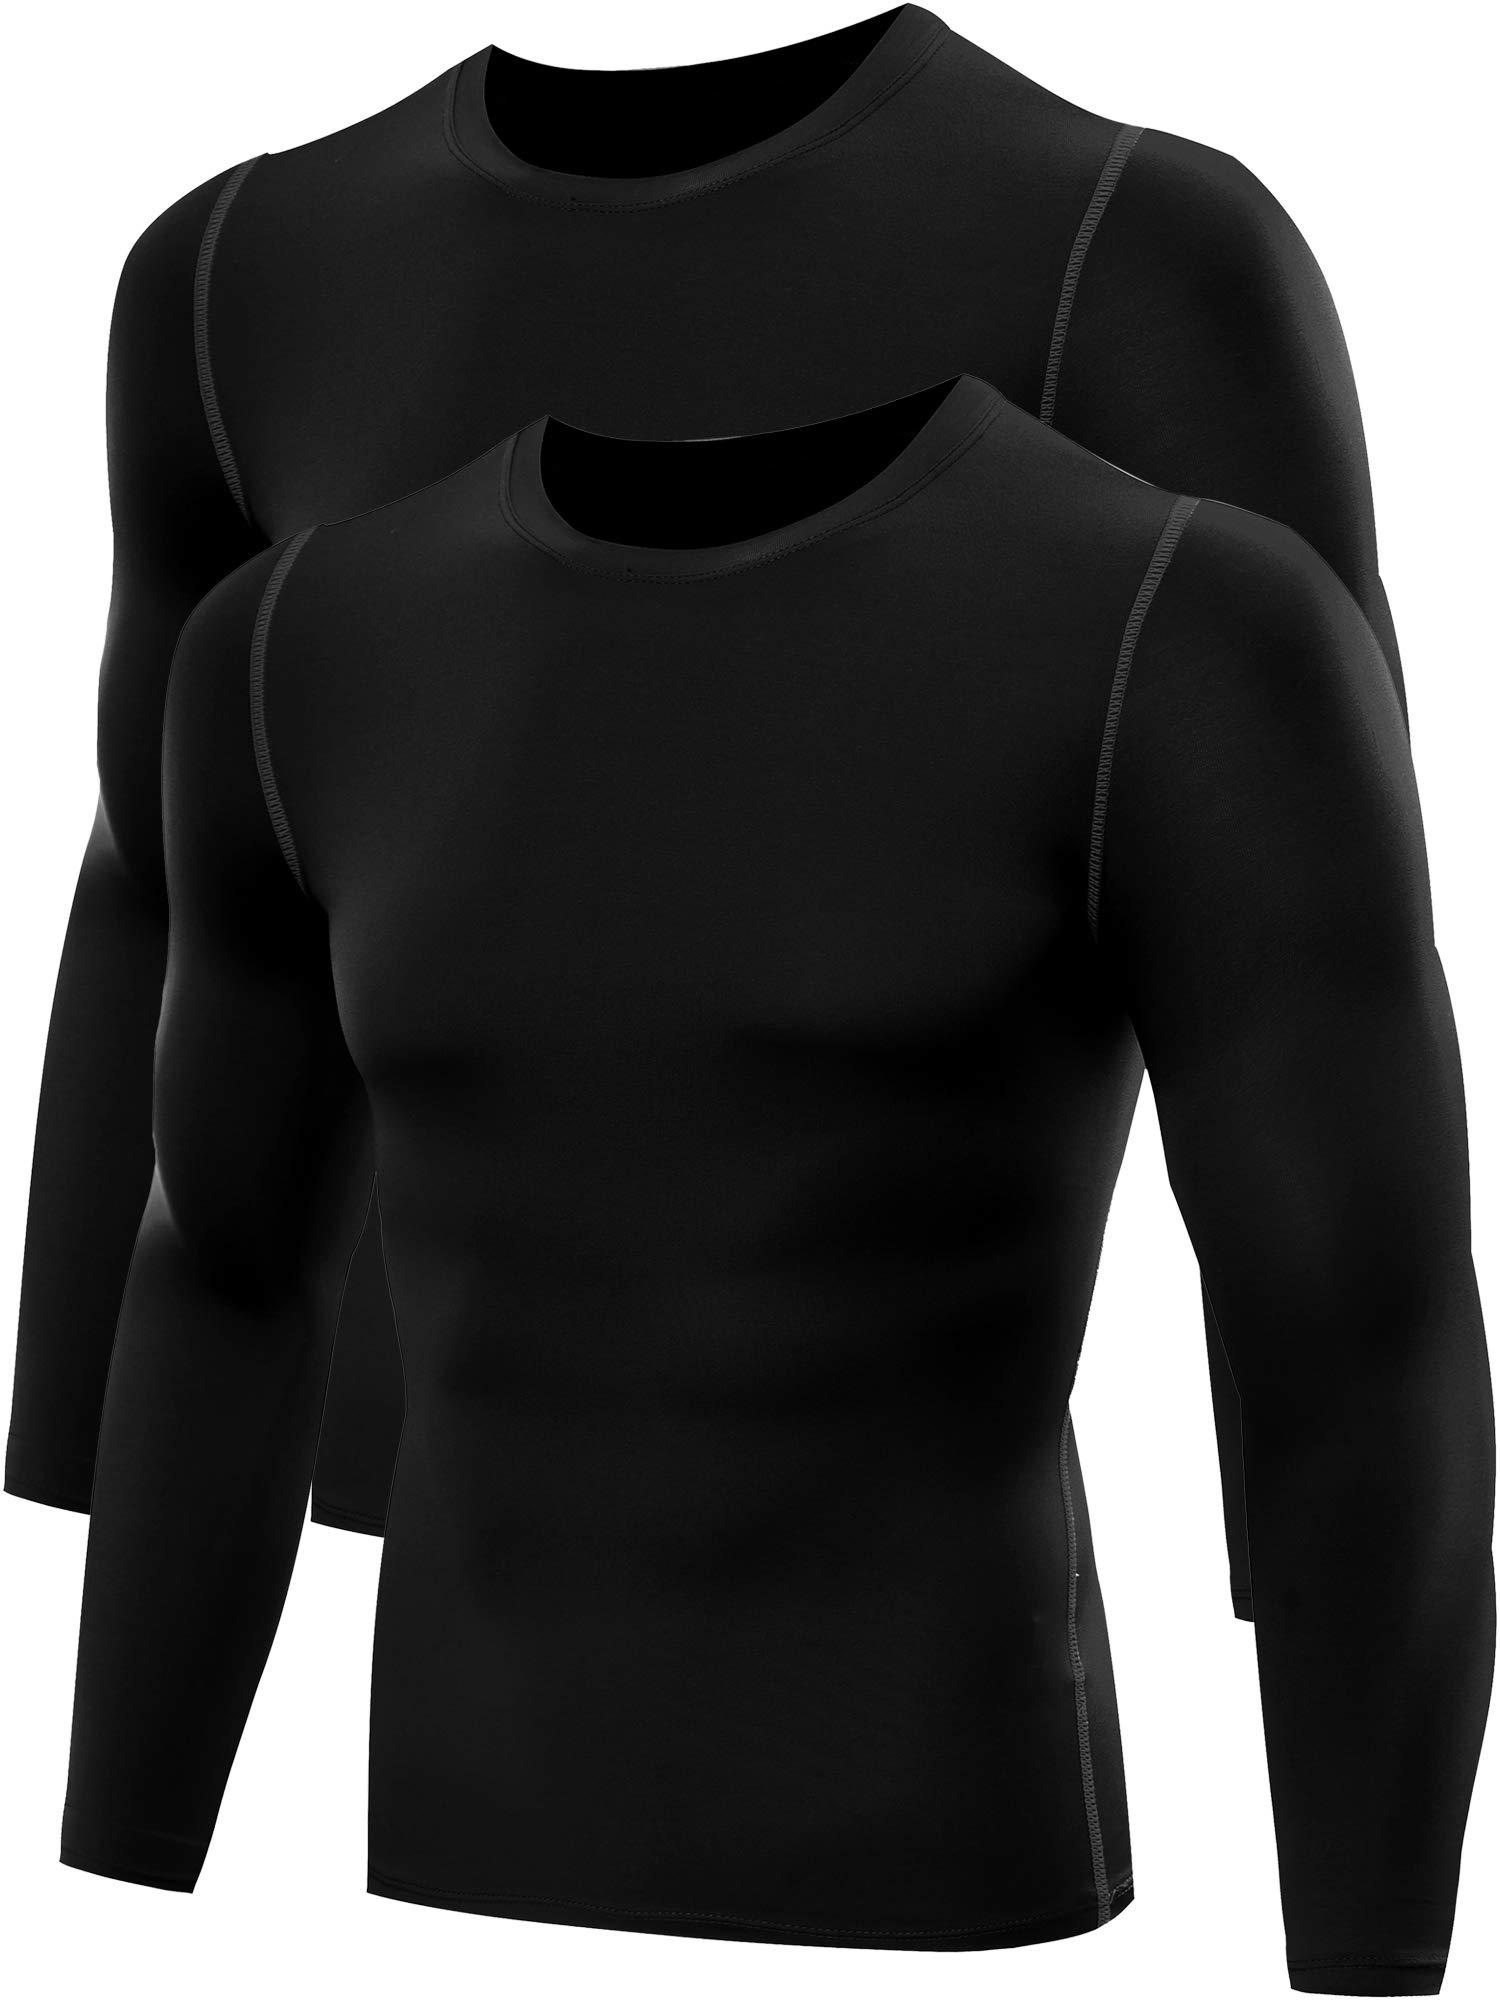 Neleus Men's 2 Pack Athletic Compression Shirt,008,Black/Black,US L,EU XL by Neleus